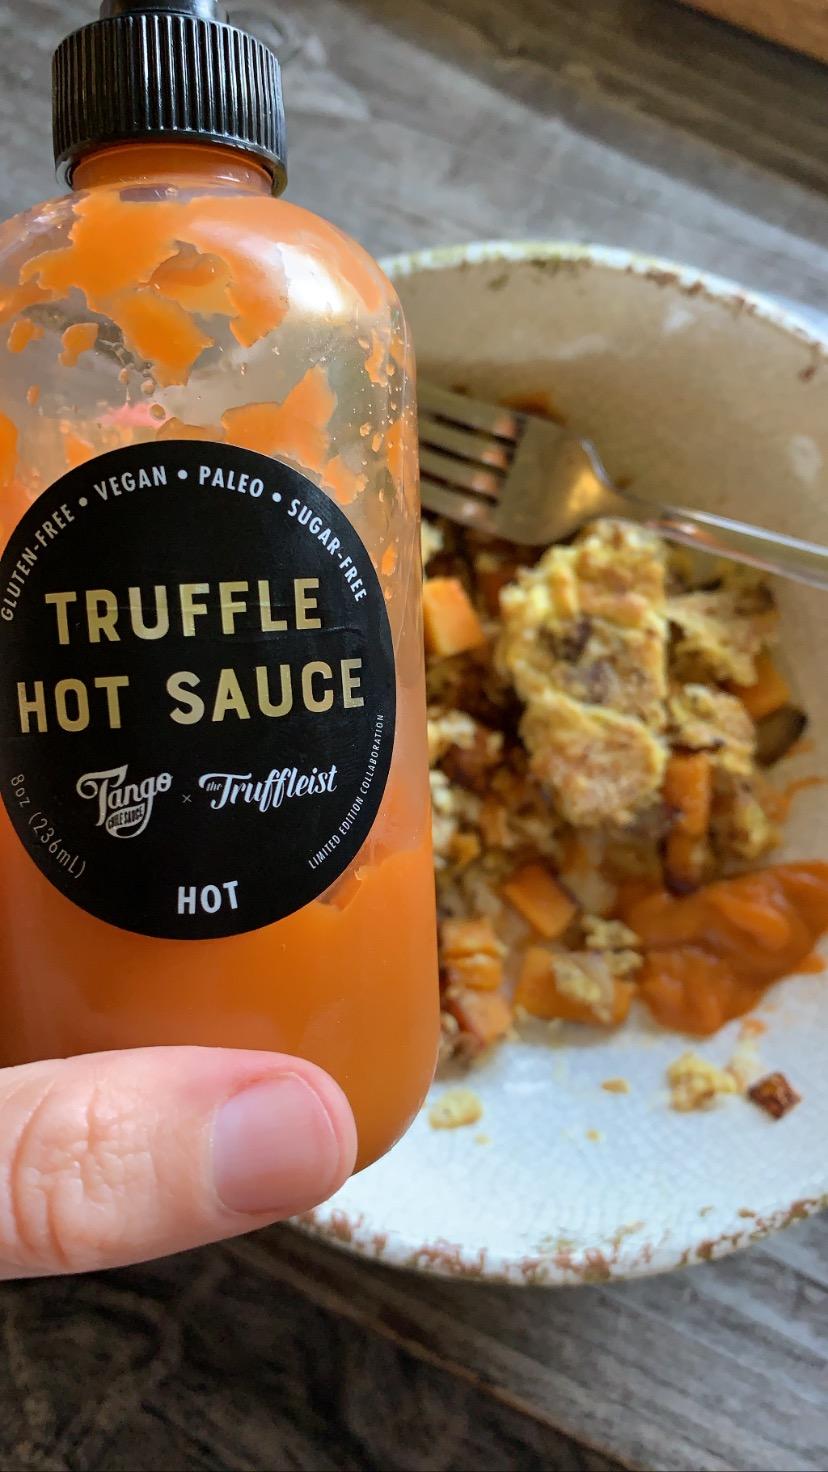 The Truffleist Hot Sauce